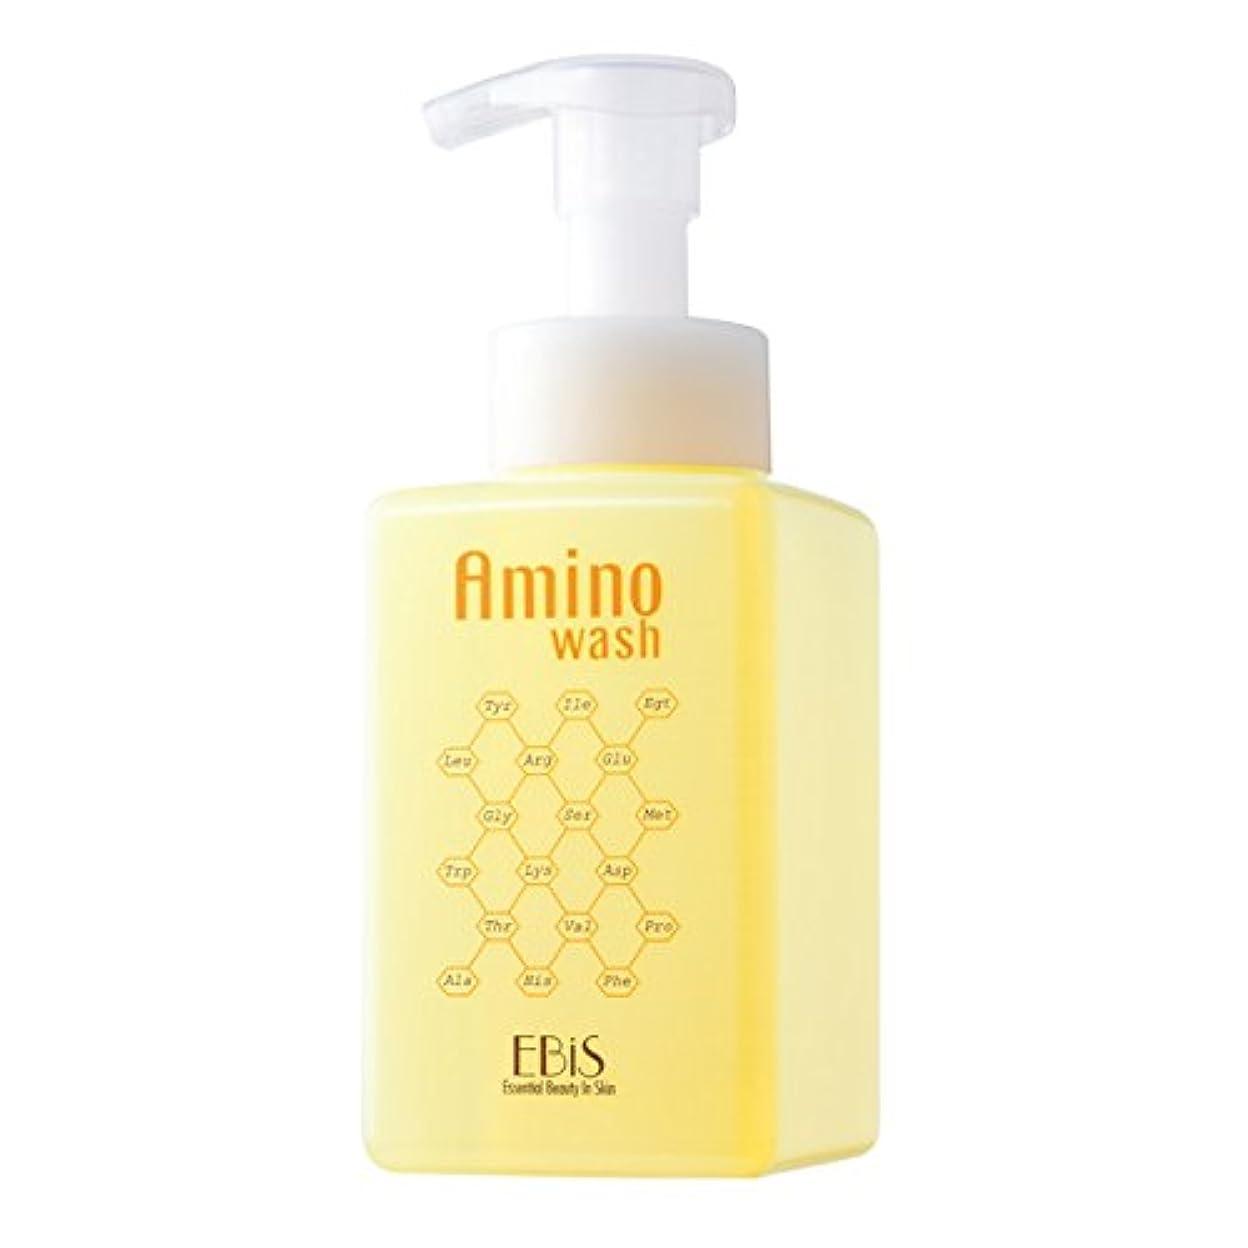 ヒョウ特定のマージエビス化粧品(EBiS) アミノウォッシュ400ml 洗顔フォーム (N)